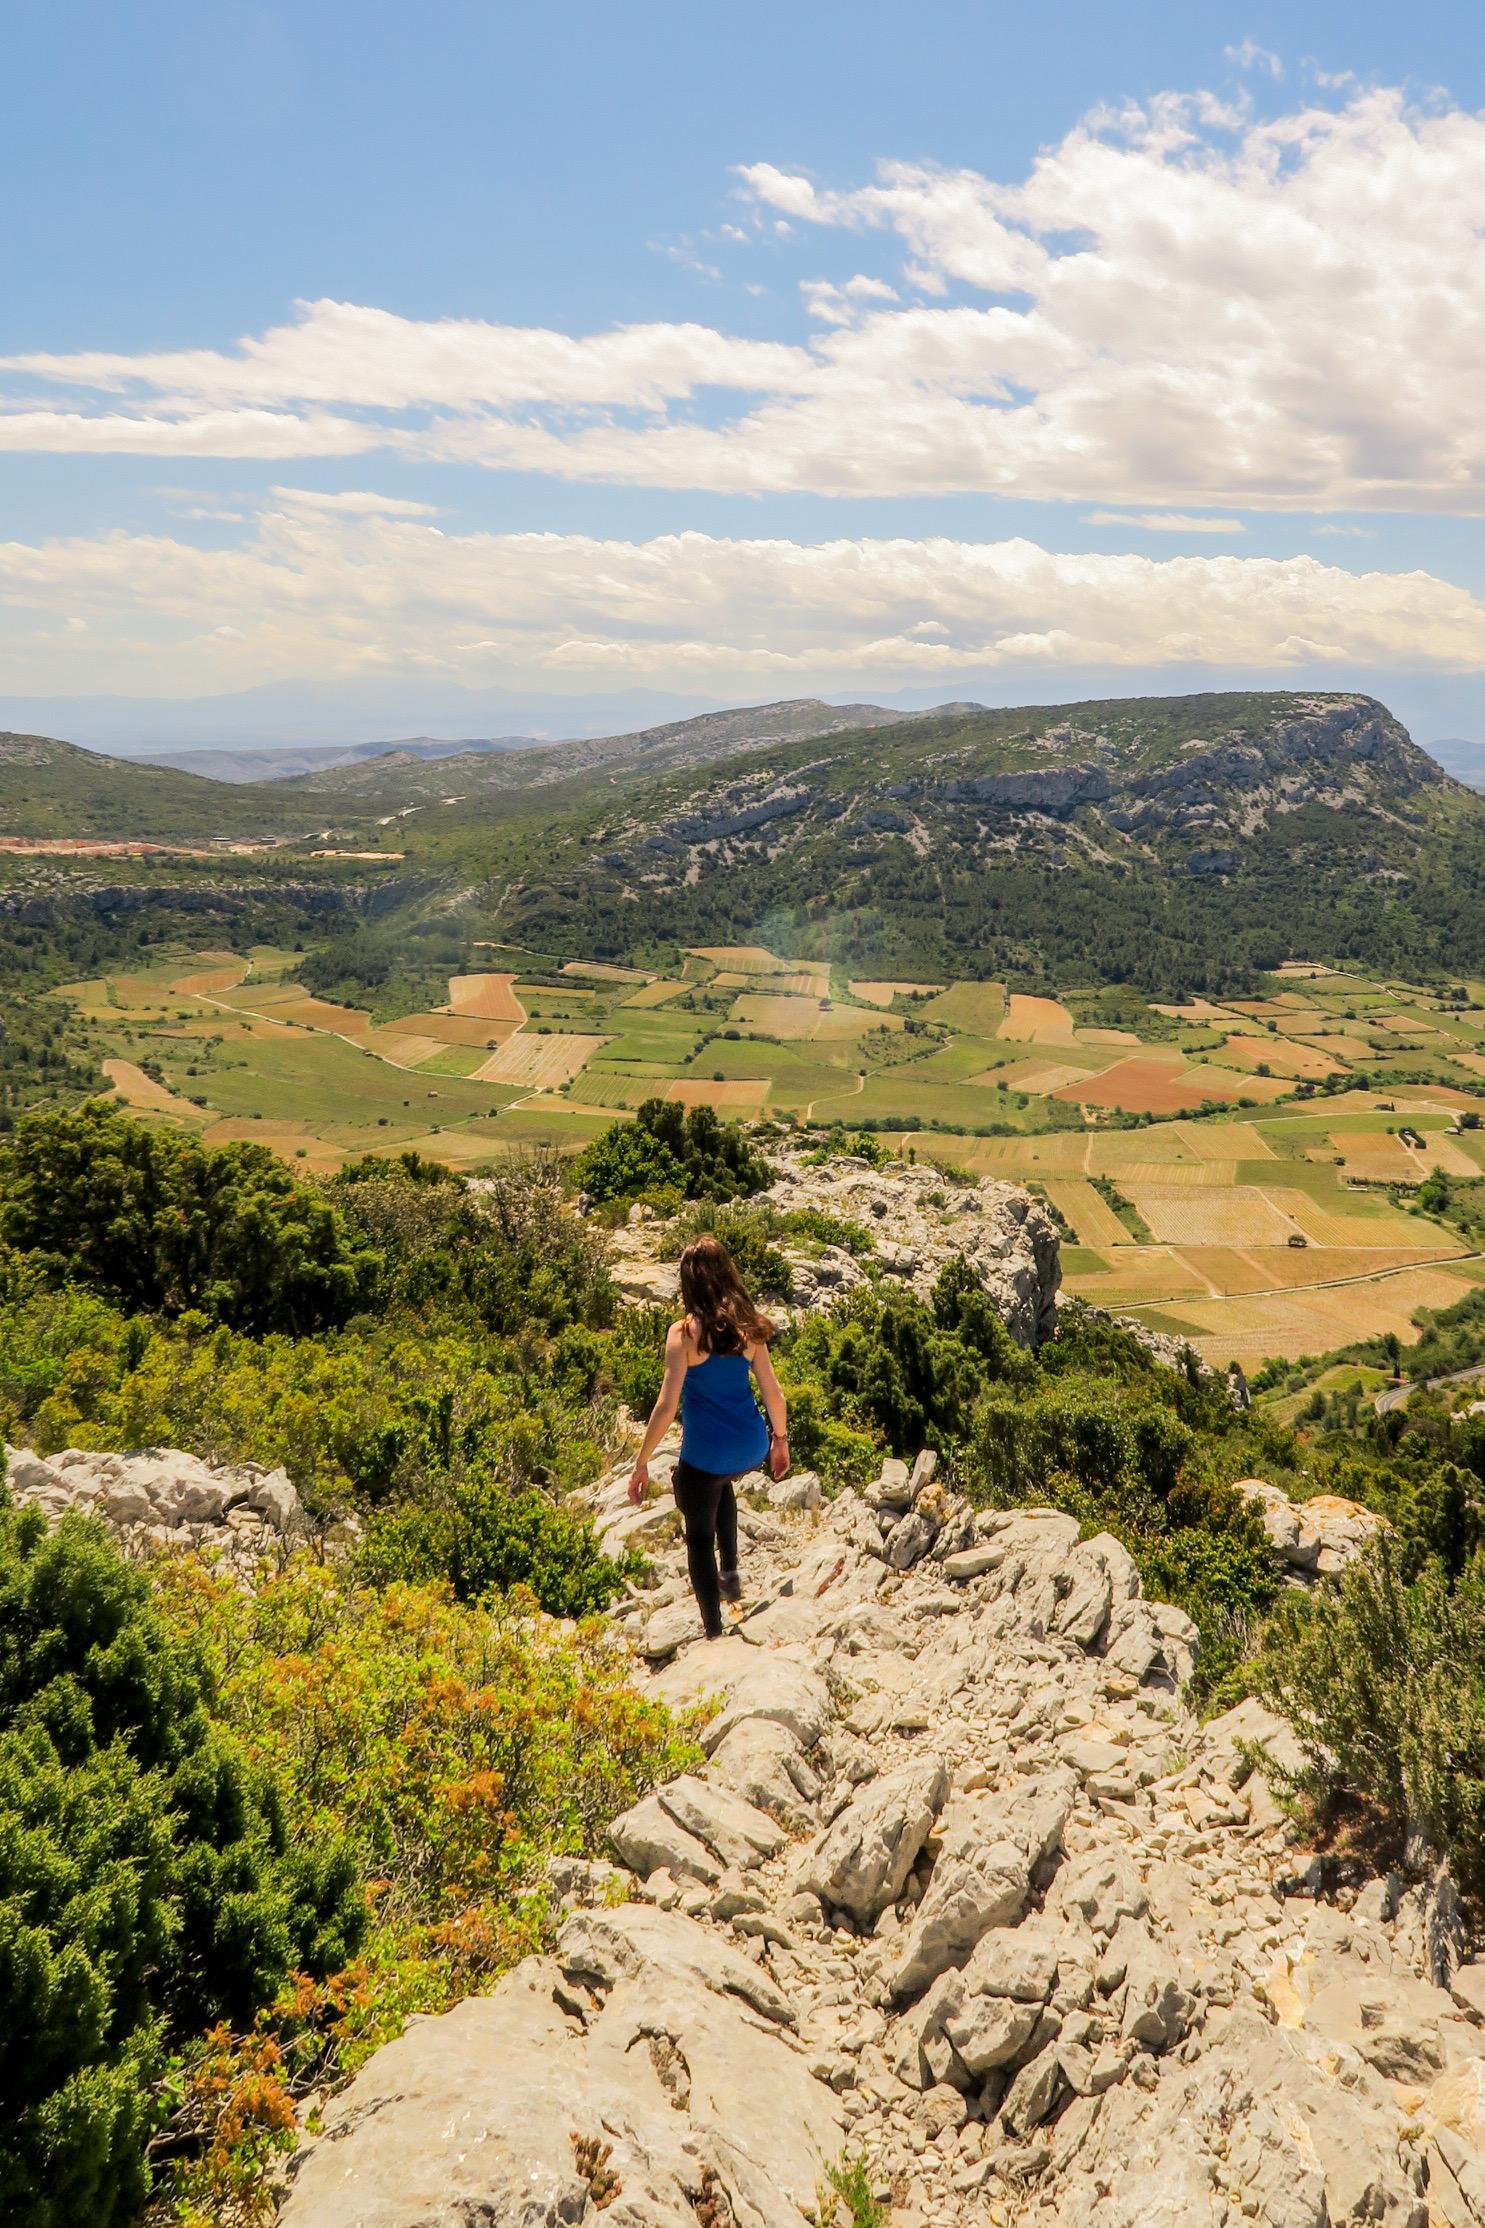 randonnée sur les falaises de vingrau pyrénées orientales